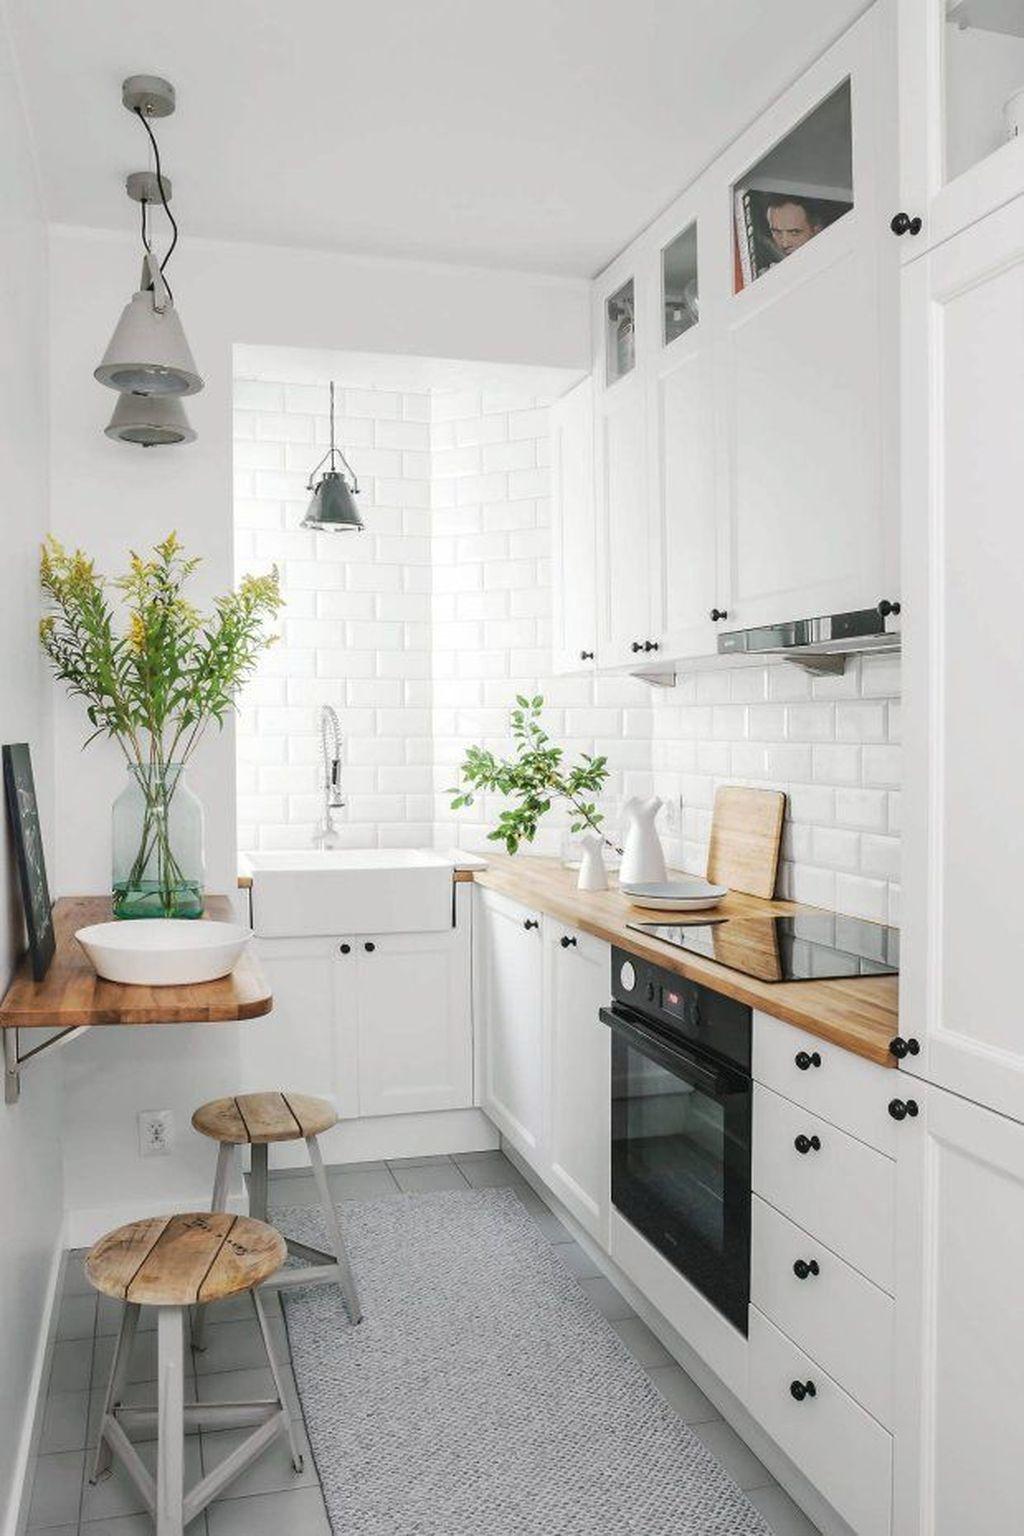 42 Attractive Small Kitchen Ideas For Big Taste | Kitchen Design ...